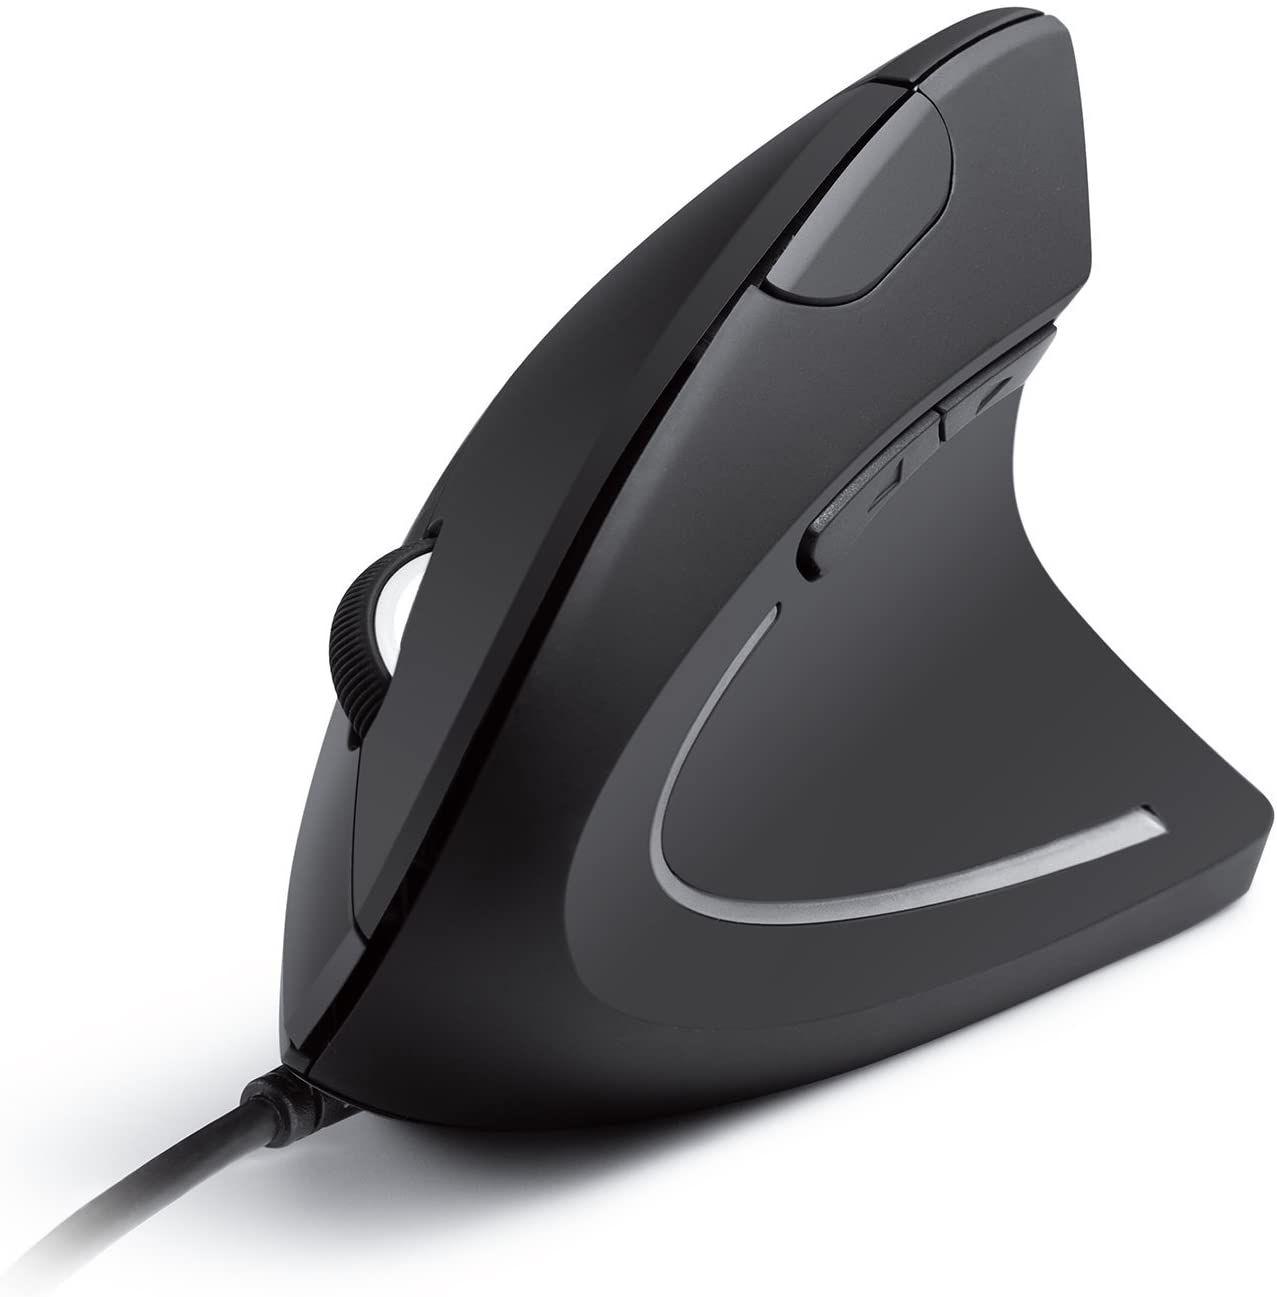 Sammeldeal z.B Anker Vertikale Maus Vertical Ergonomic Optical Mouse - USB Kabel Kompatibel, Rechtshänder